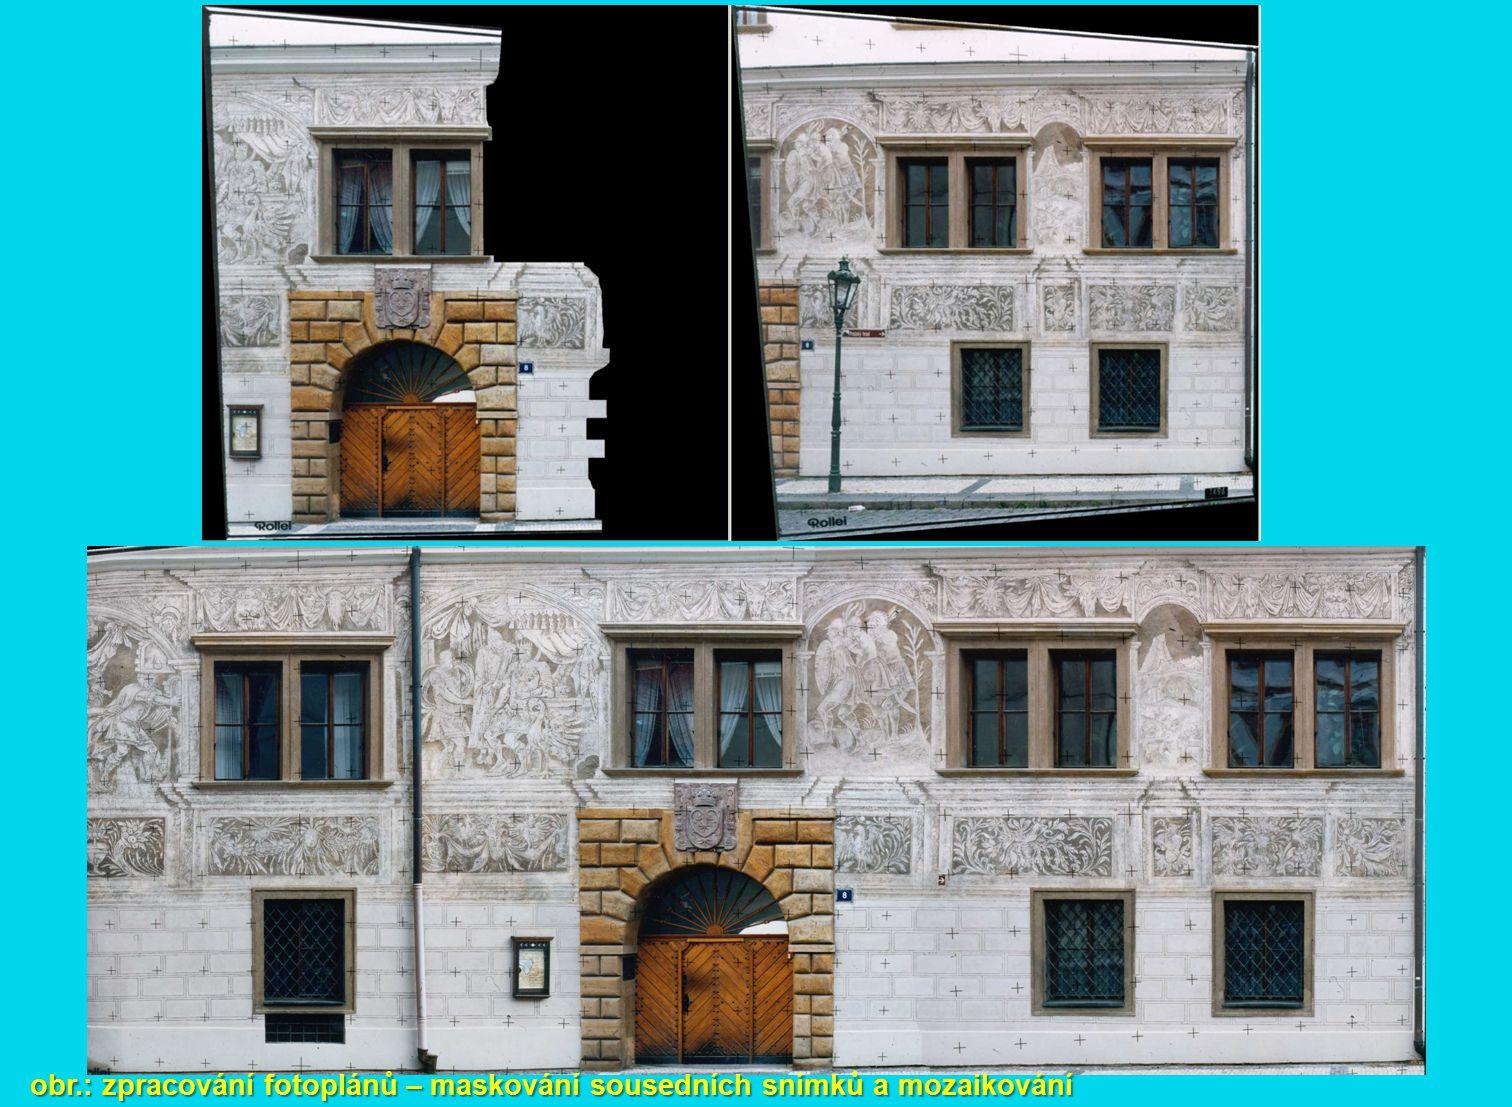 obr.: zpracování fotoplánů – maskování sousedních snímků a mozaikování